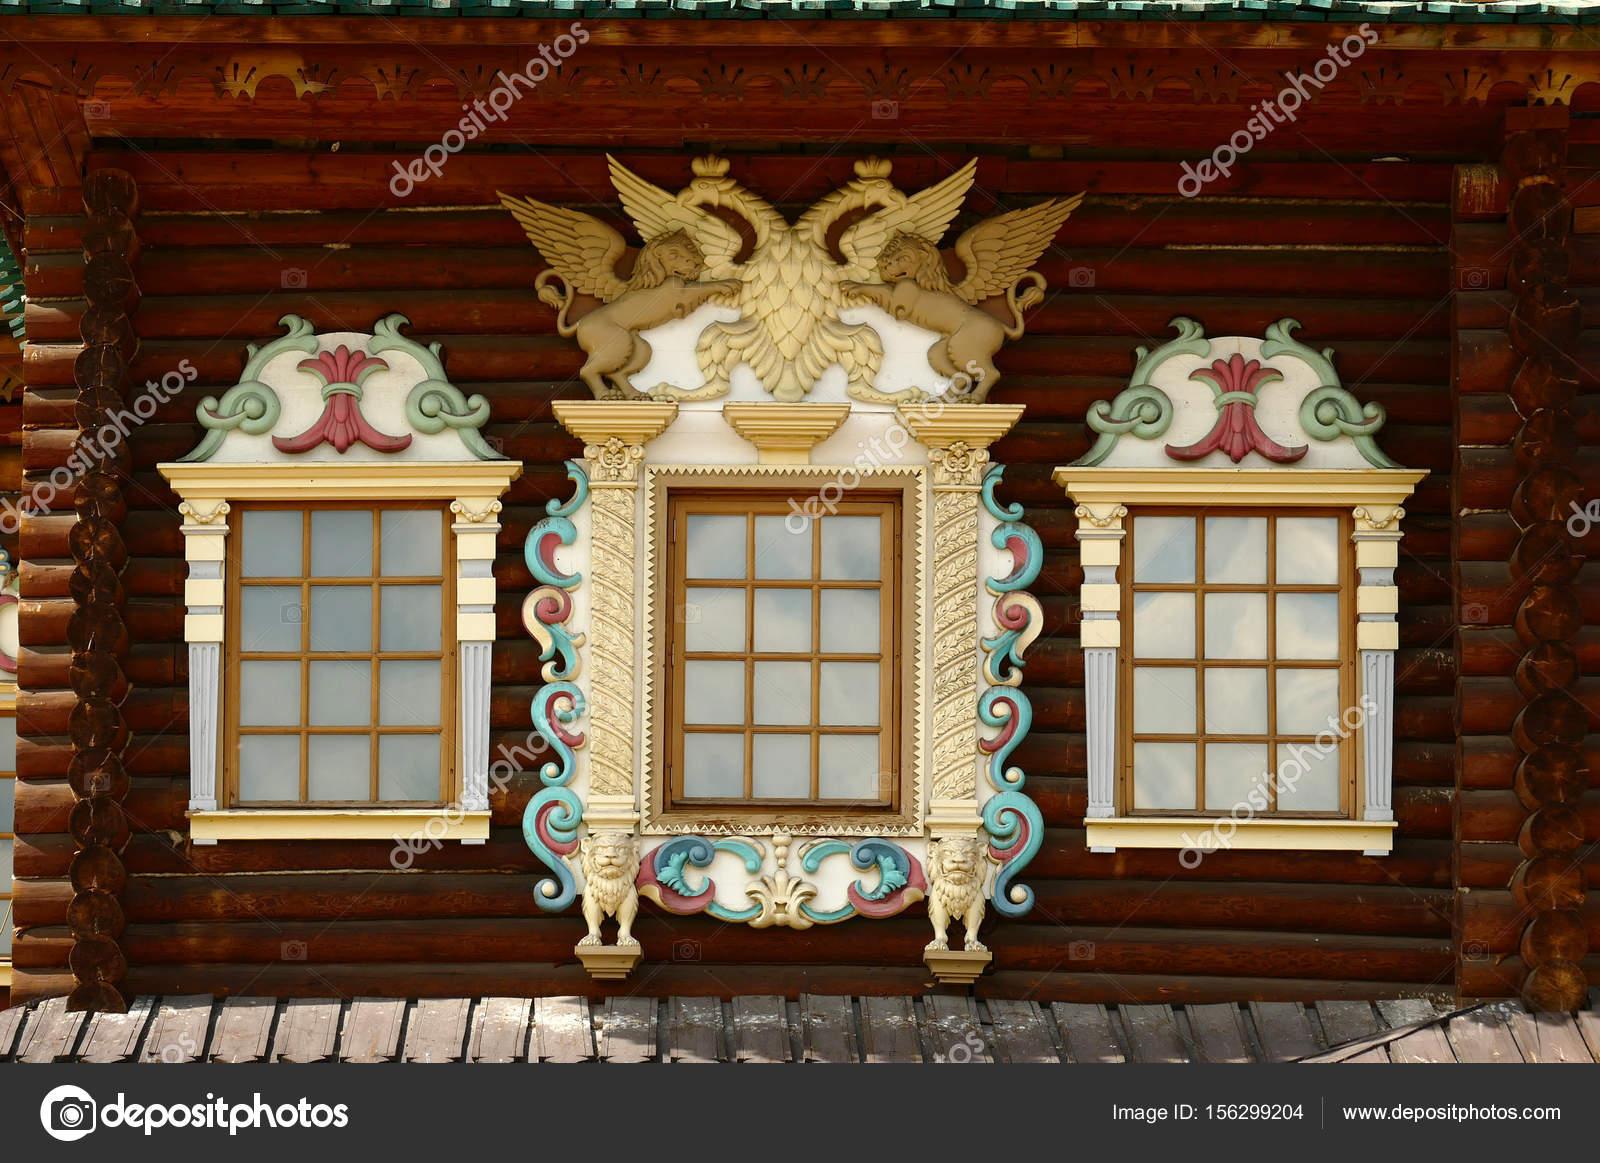 Russische gesneden houten kozijnen verfraaien buitenkant van